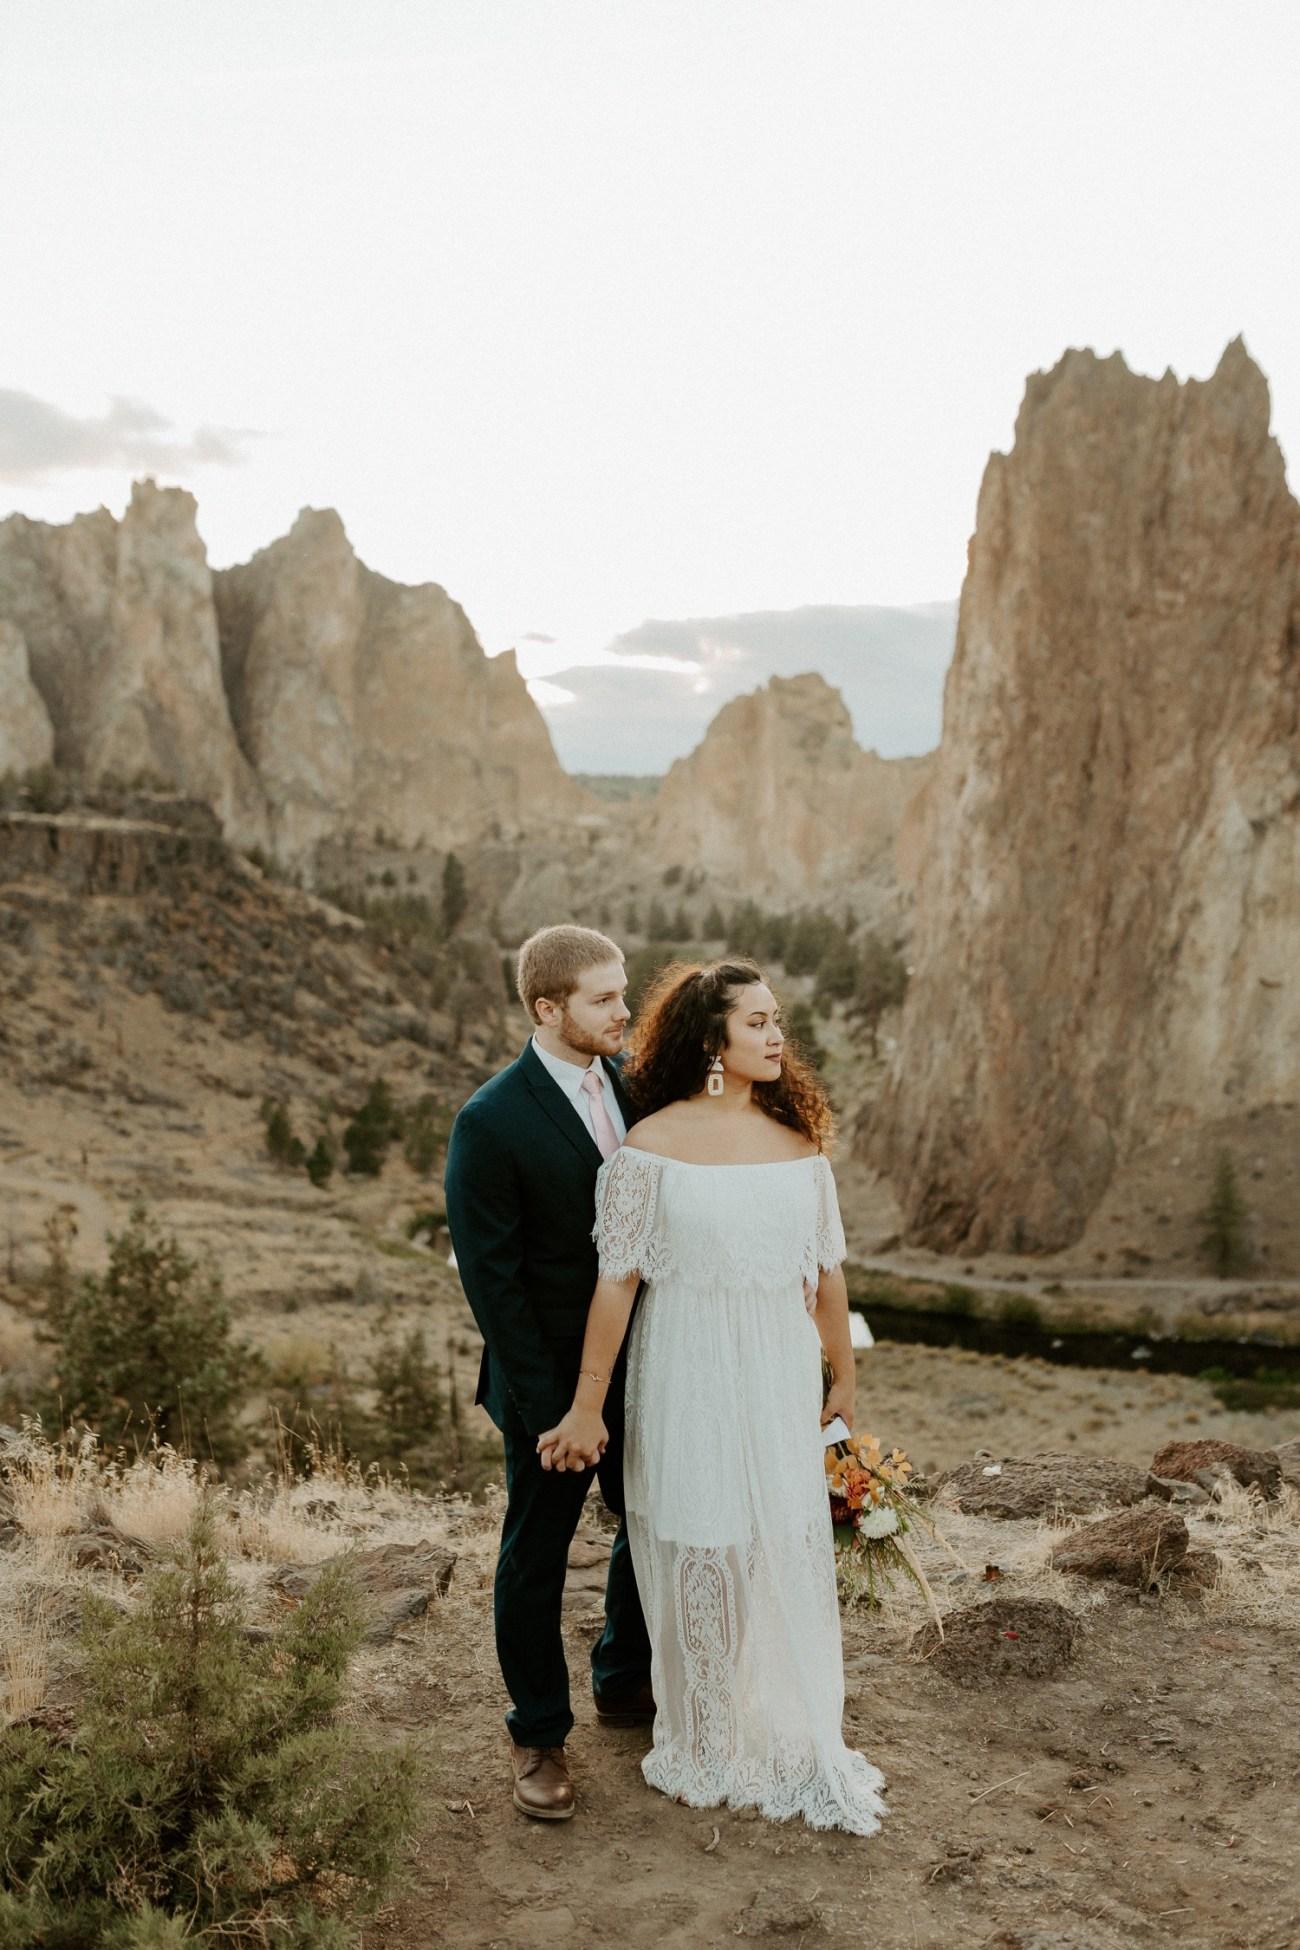 Smith Rock Elopement Bend Elopement Photographer Bend Wedding Photographer Fall Bend Wedding Anais Possamai Photography 041